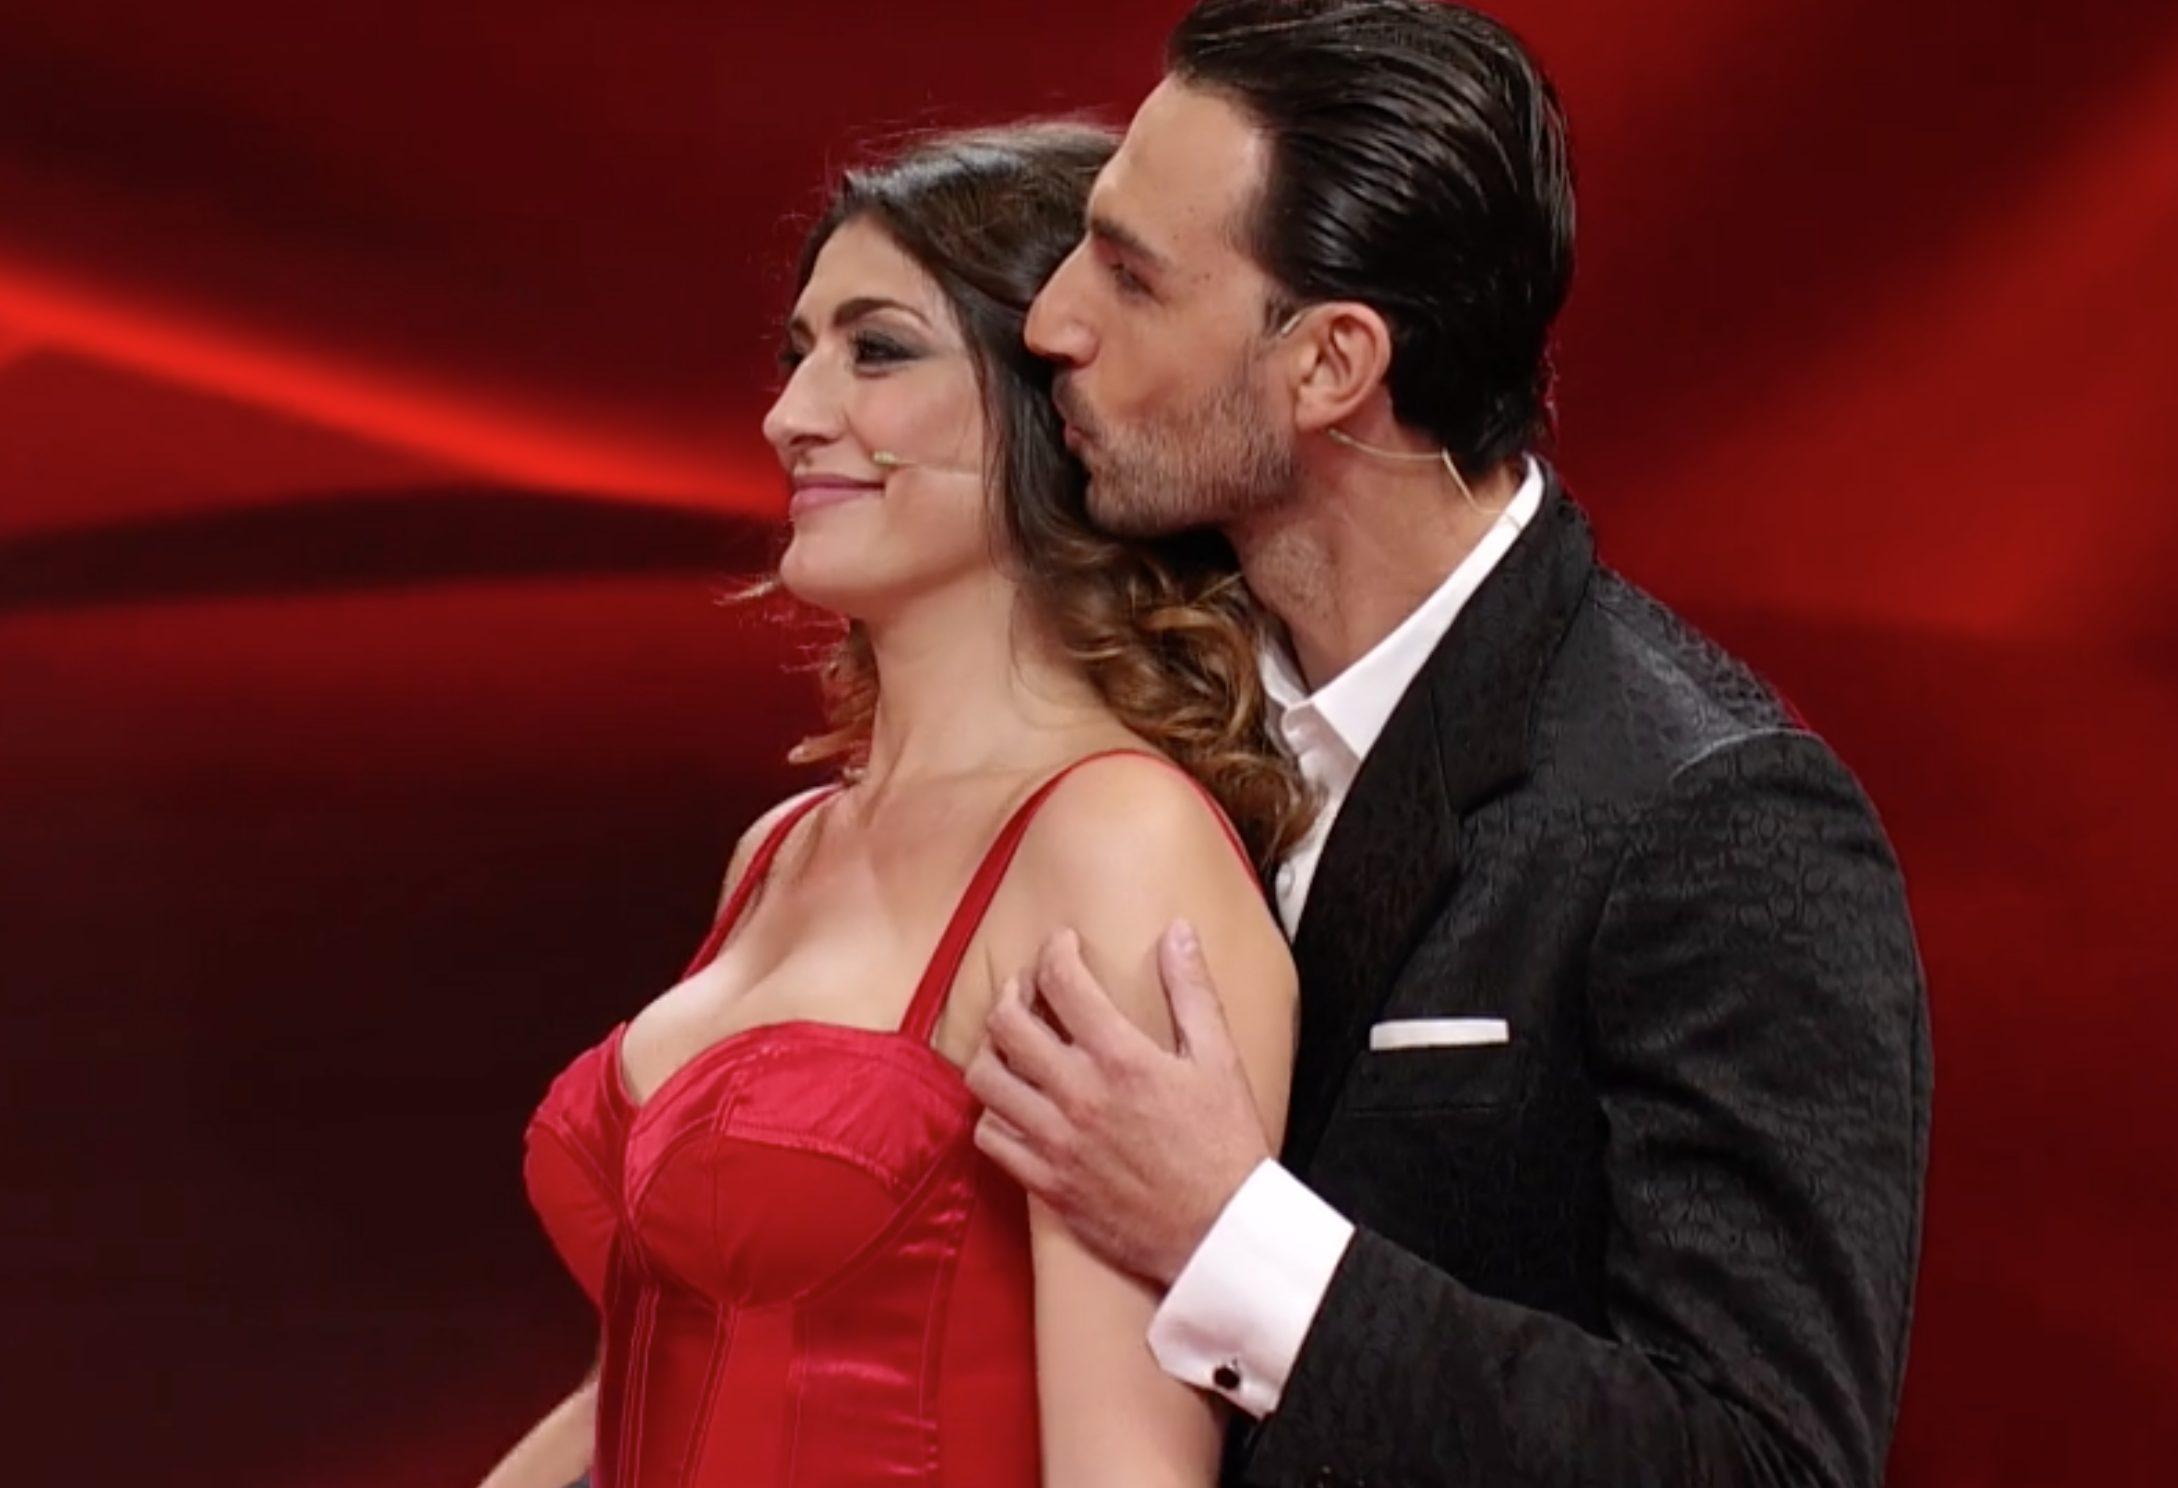 Elisa Isoardi e Raimondo Todaro di nuovo insieme a Ballando con le stelle,  la foto del bacio